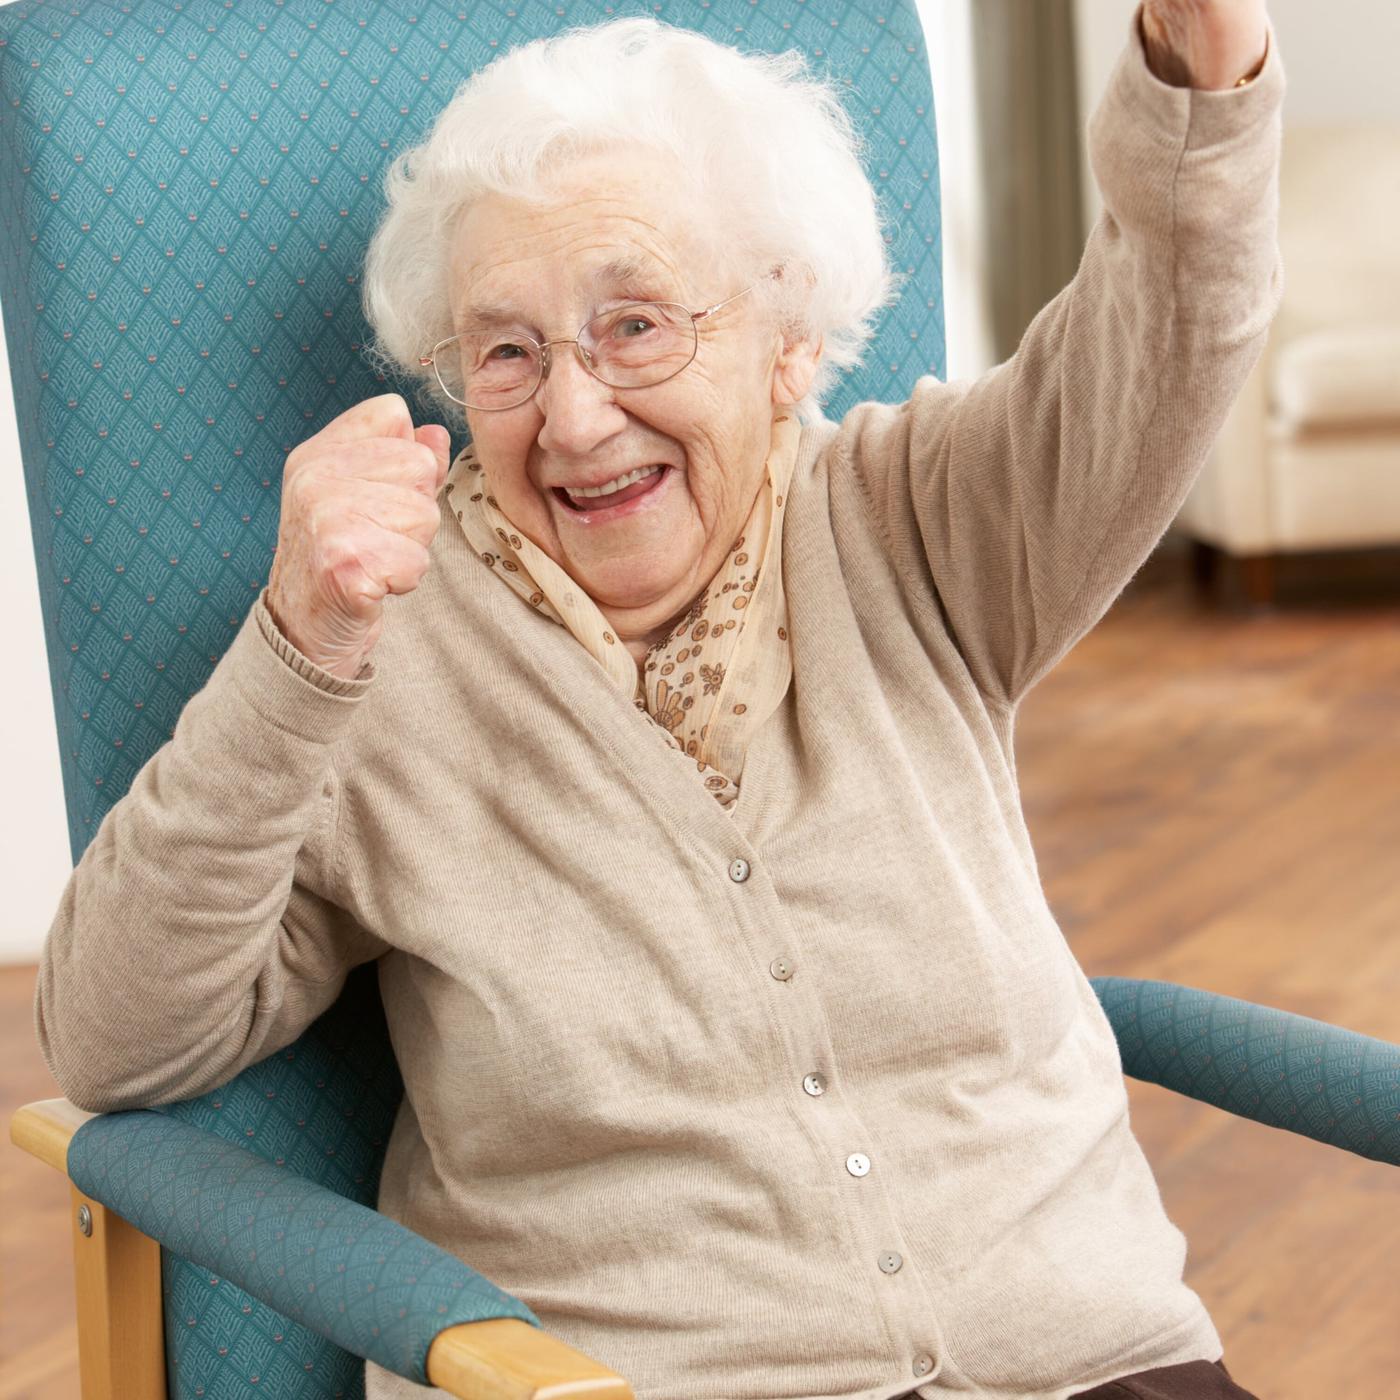 Jacksonville Catholic Seniors Singles Dating Online Site